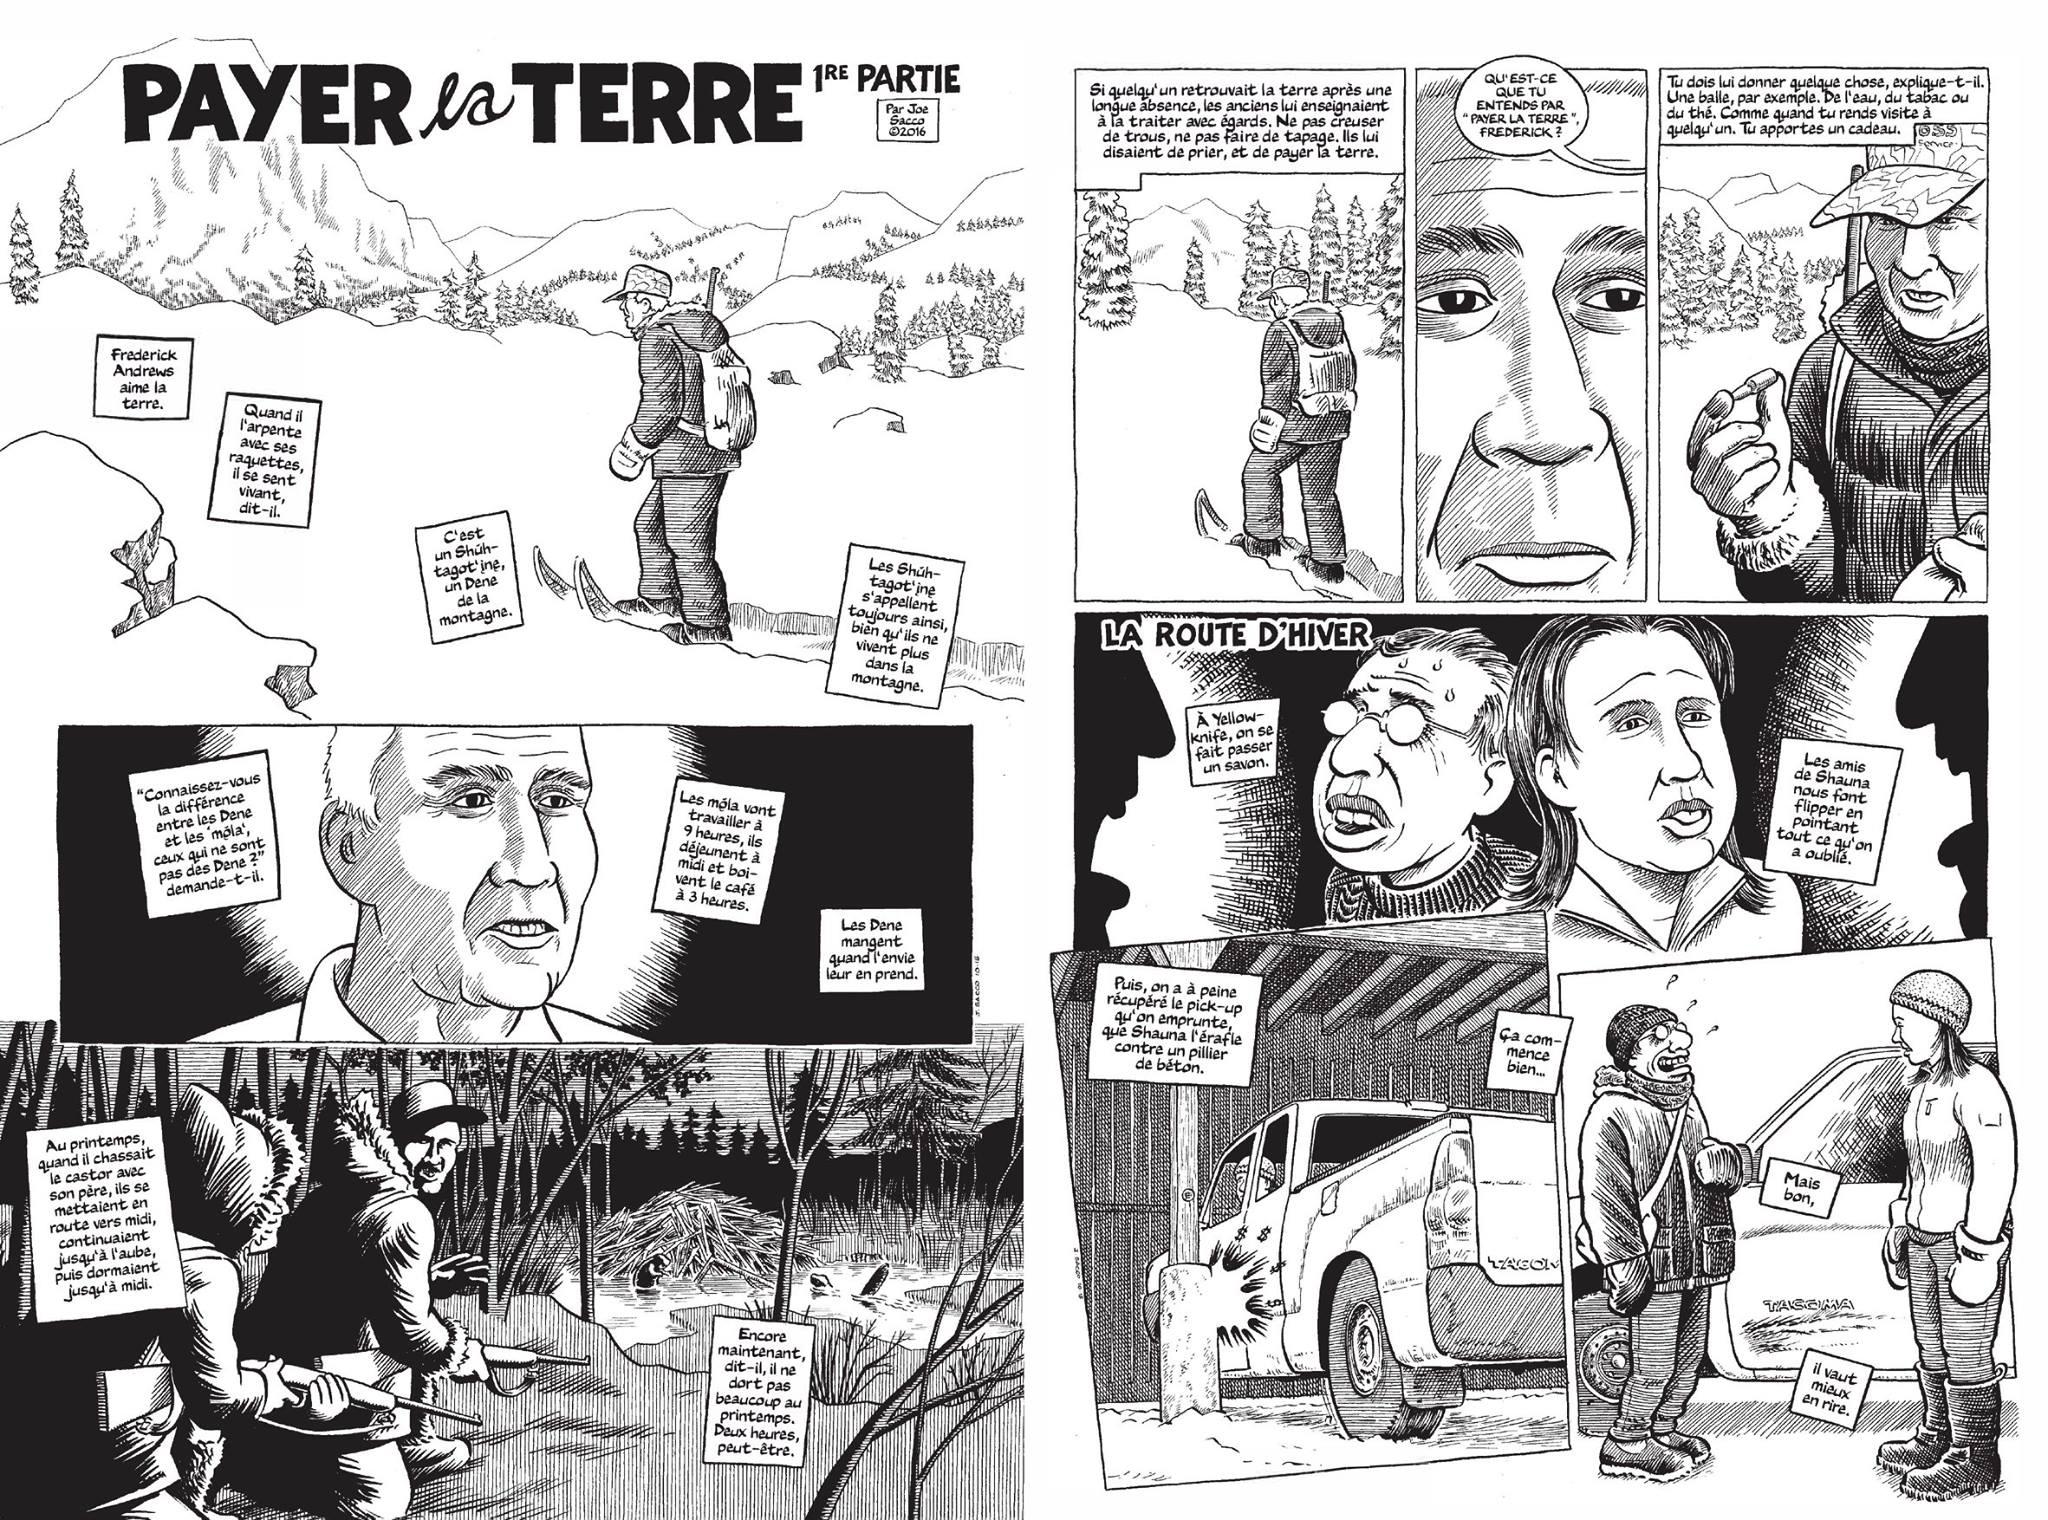 revue 21, XXI, revue, grand reportage, narrative writing, louxor, naopoléon bonaparte, pape, patrick de saint-exupery